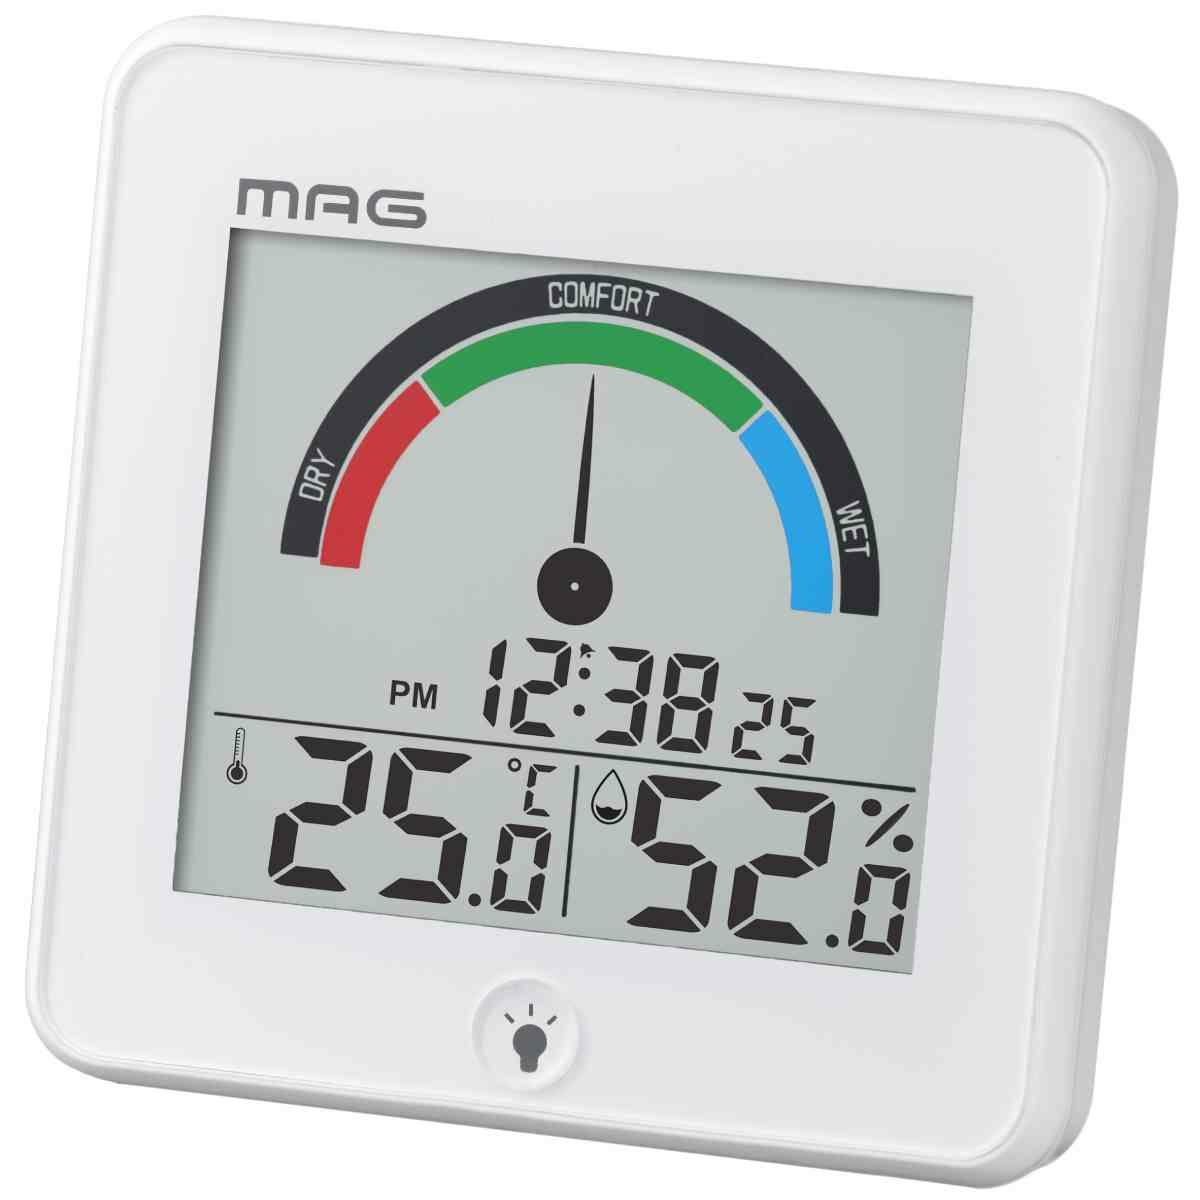 MAG(マグ) デジタル温湿度計 インデクス TH-104